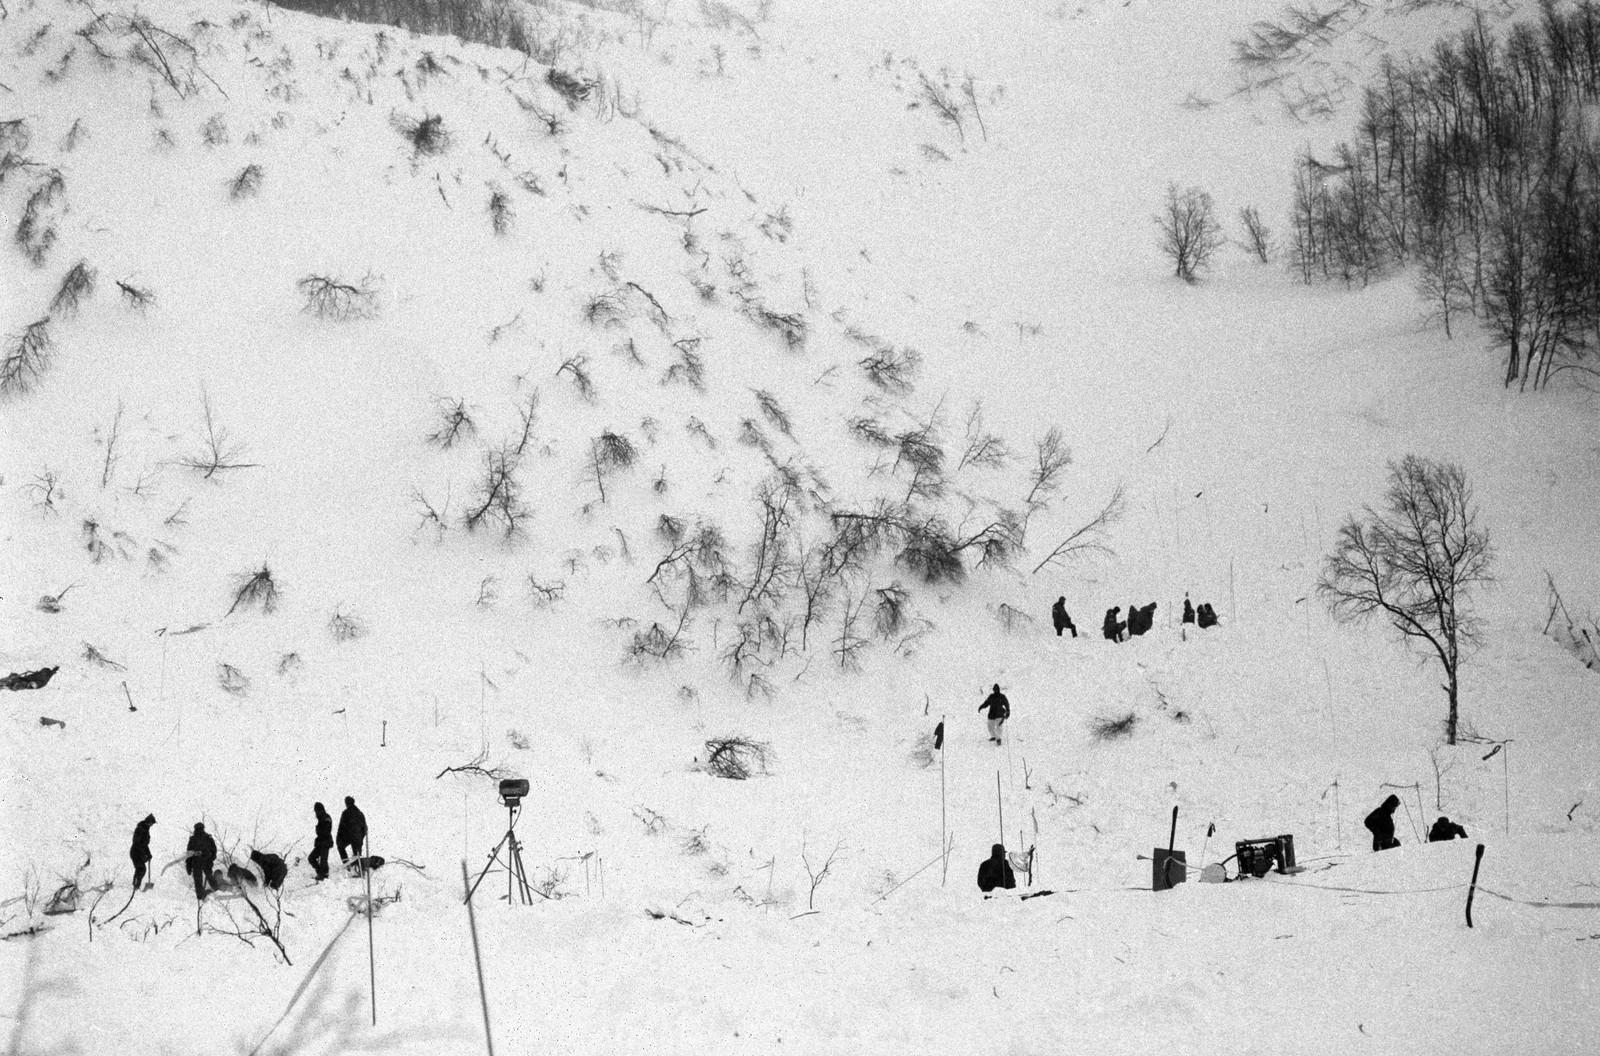 Enorme snømengder raste nedover fjellsiden ved elva Storforsen.